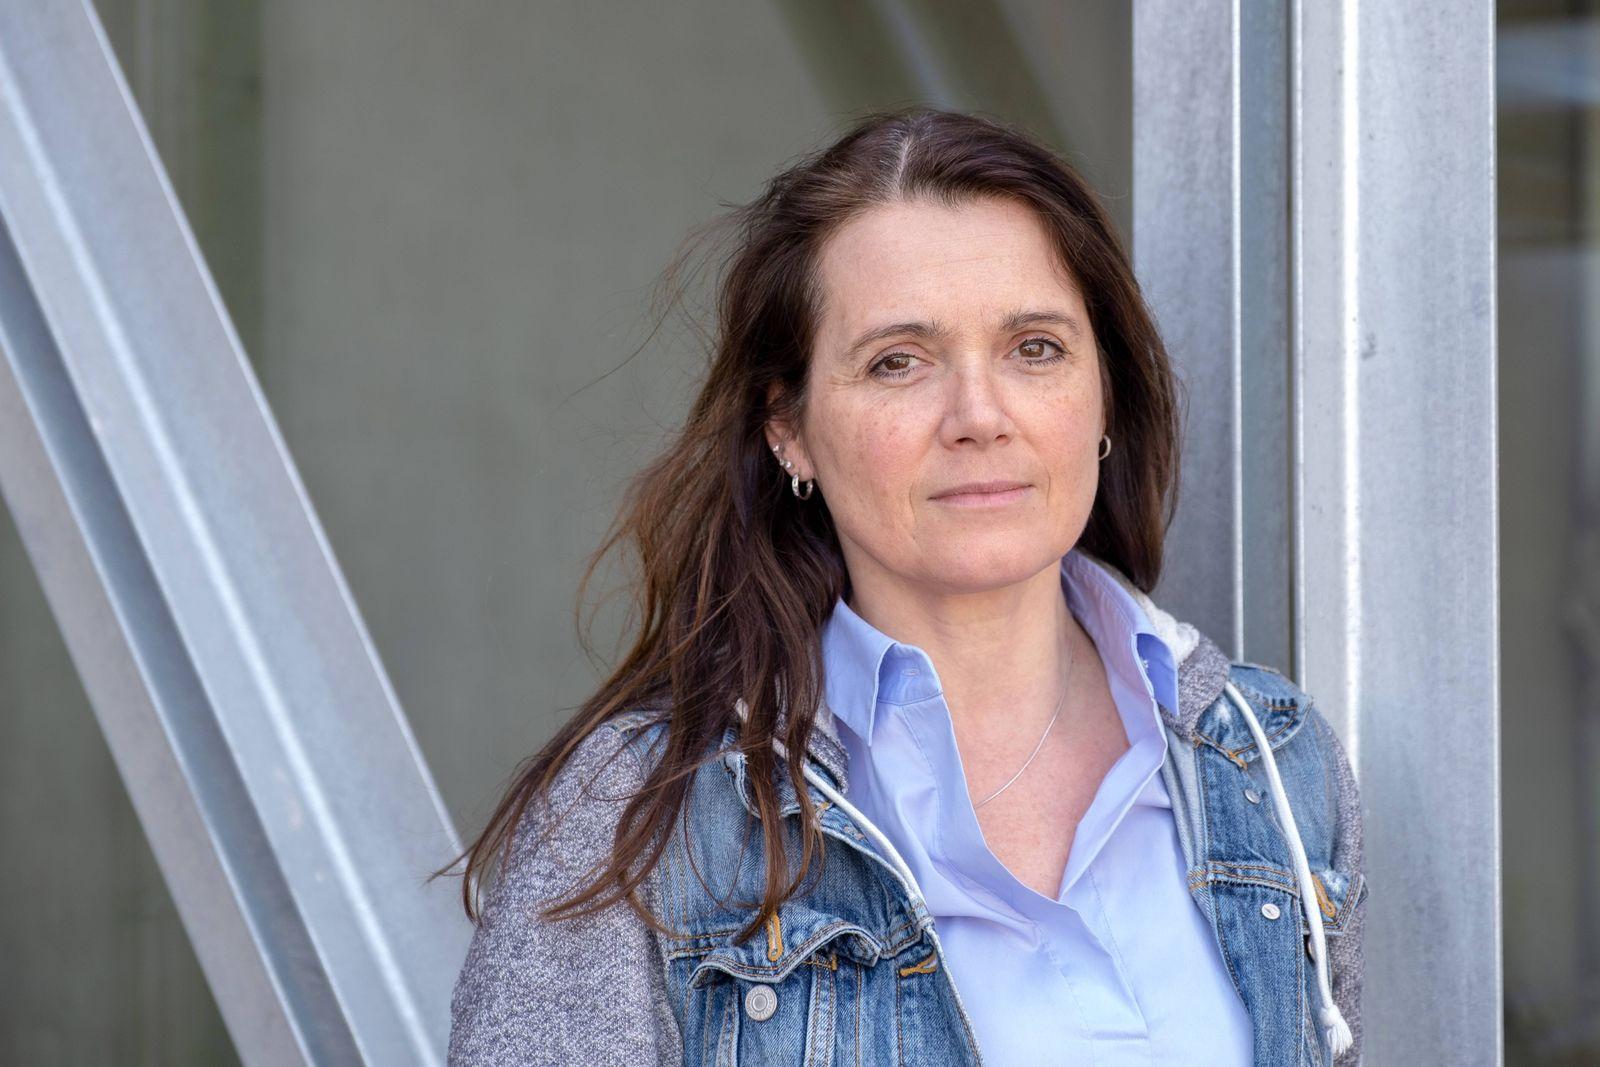 Barbara Junge eine der drei Chefredakteure der taz in Berlin Foto vom 04 04 2019 Am 17 April 20